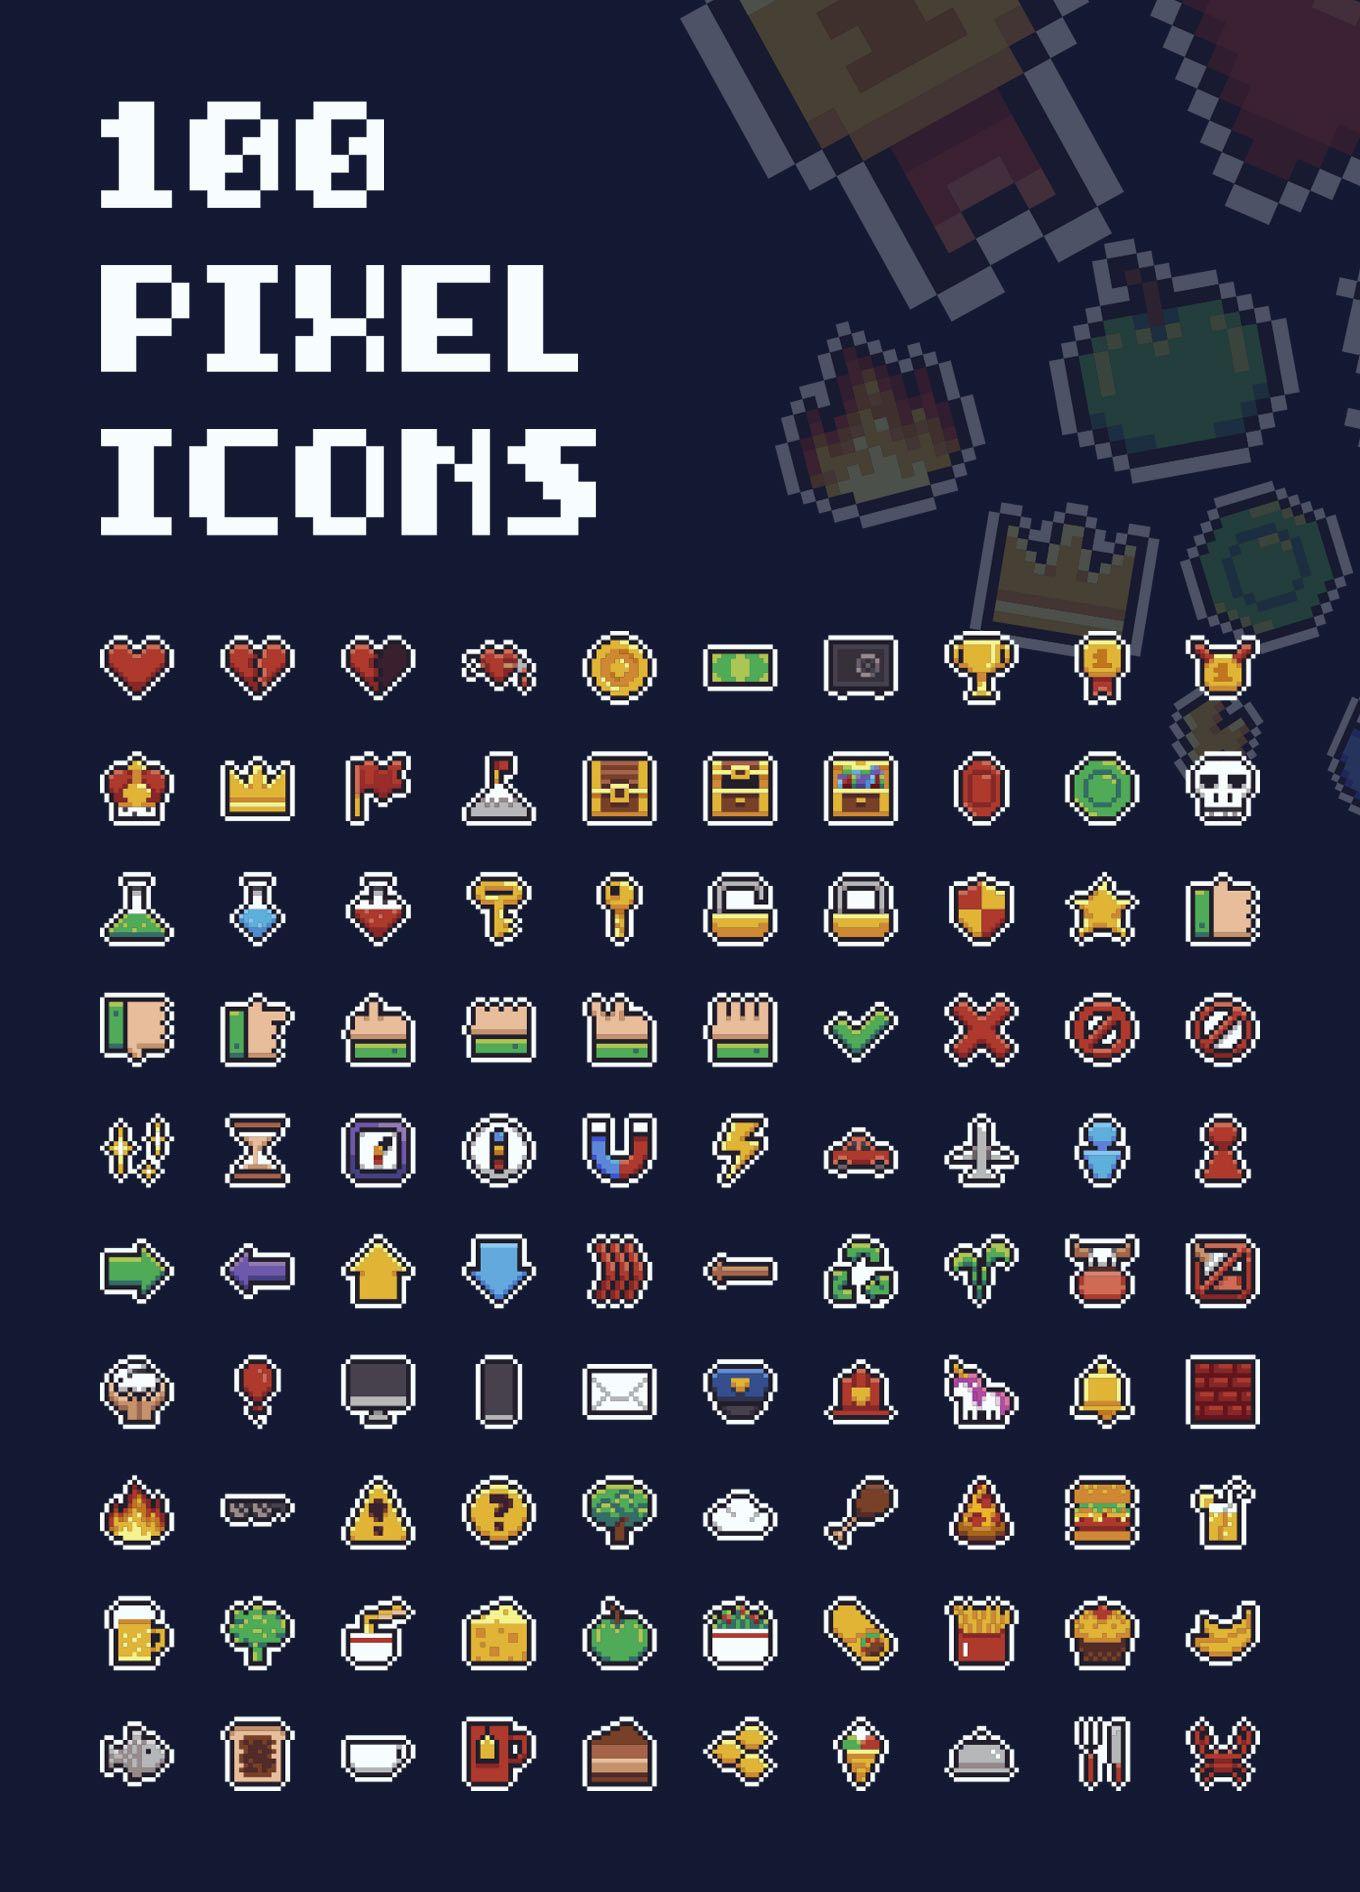 Mario Pixel Icons Collection Pixel Art Tutorial Pixel Art Games Pixel Art Characters